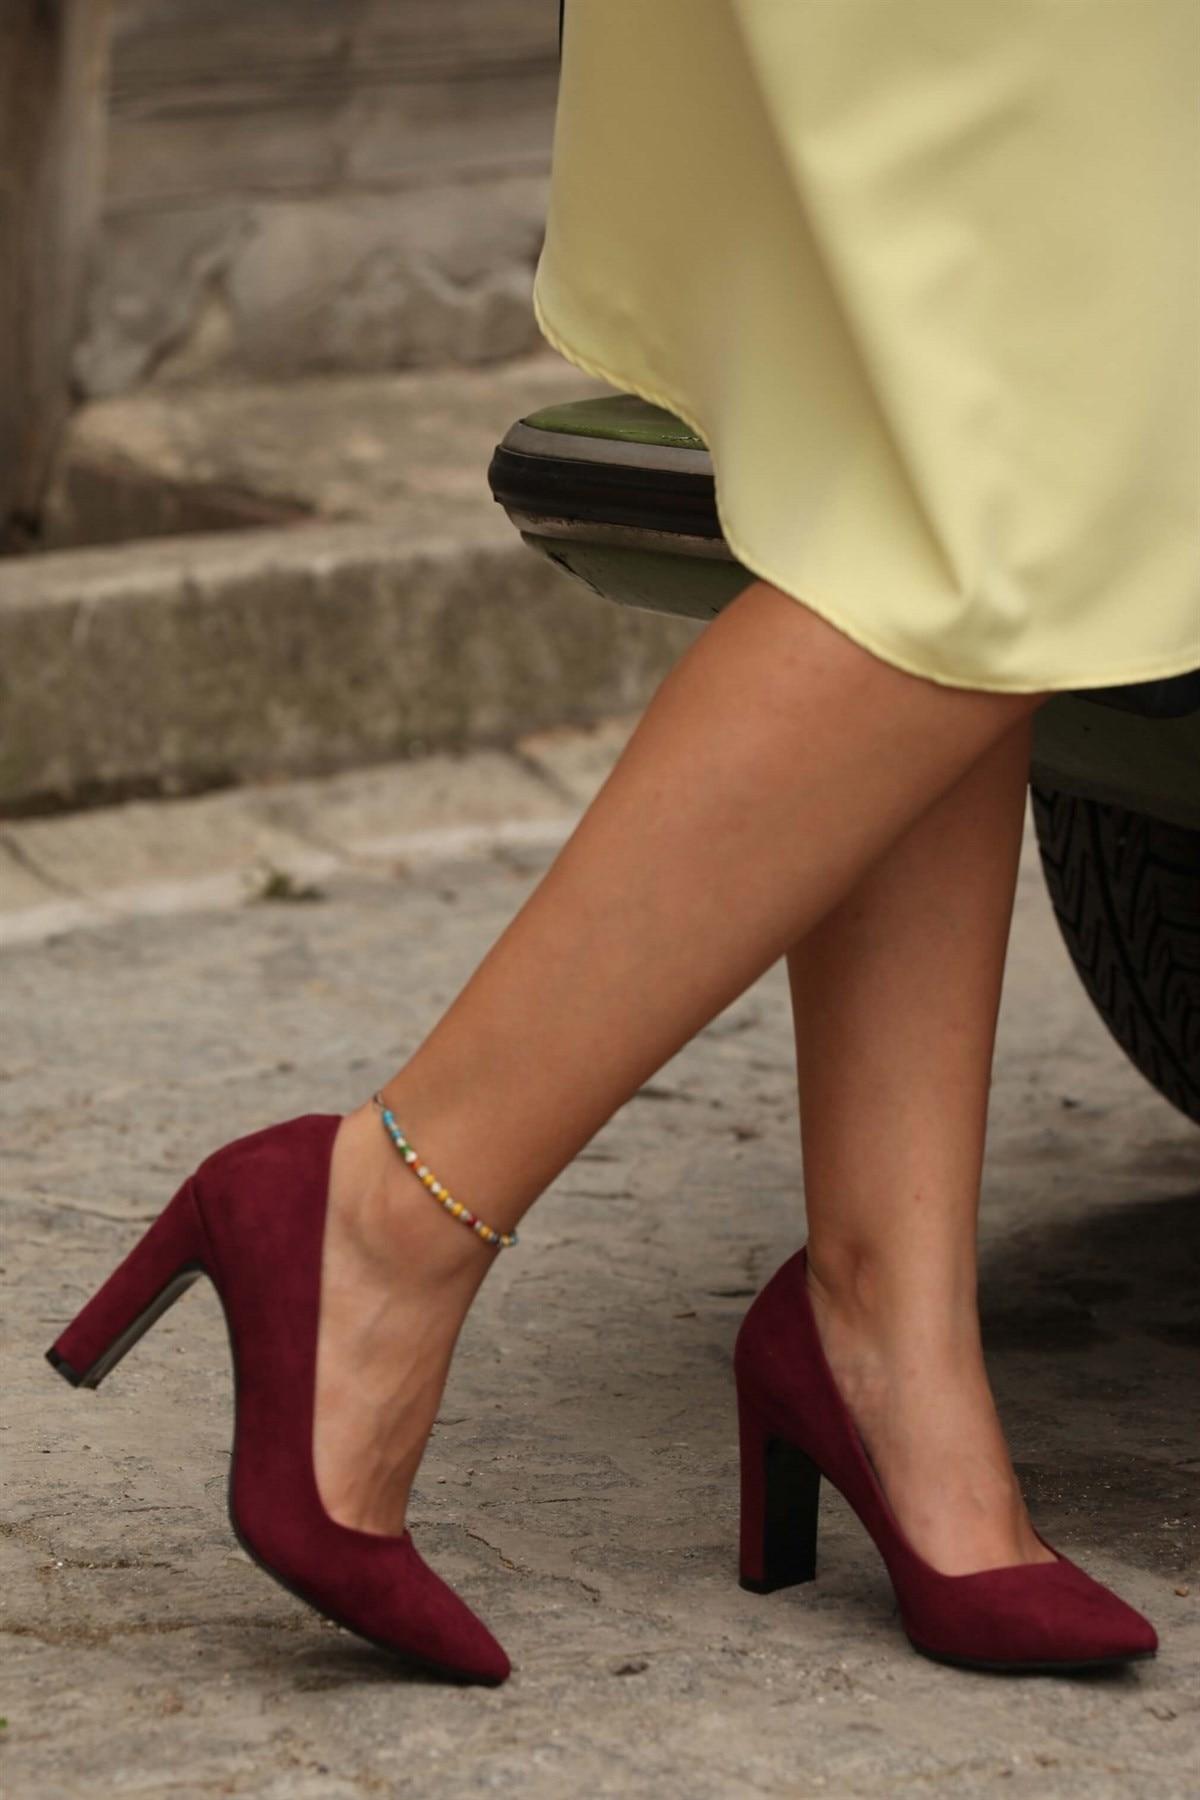 DE ABRIL DE Borgoña Stiletto Slip-en Punta dedo del pie verde púrpura tacones mujeres Sexy atractivas zapatos ZUECO ARMONIAS TACÓN TRACK